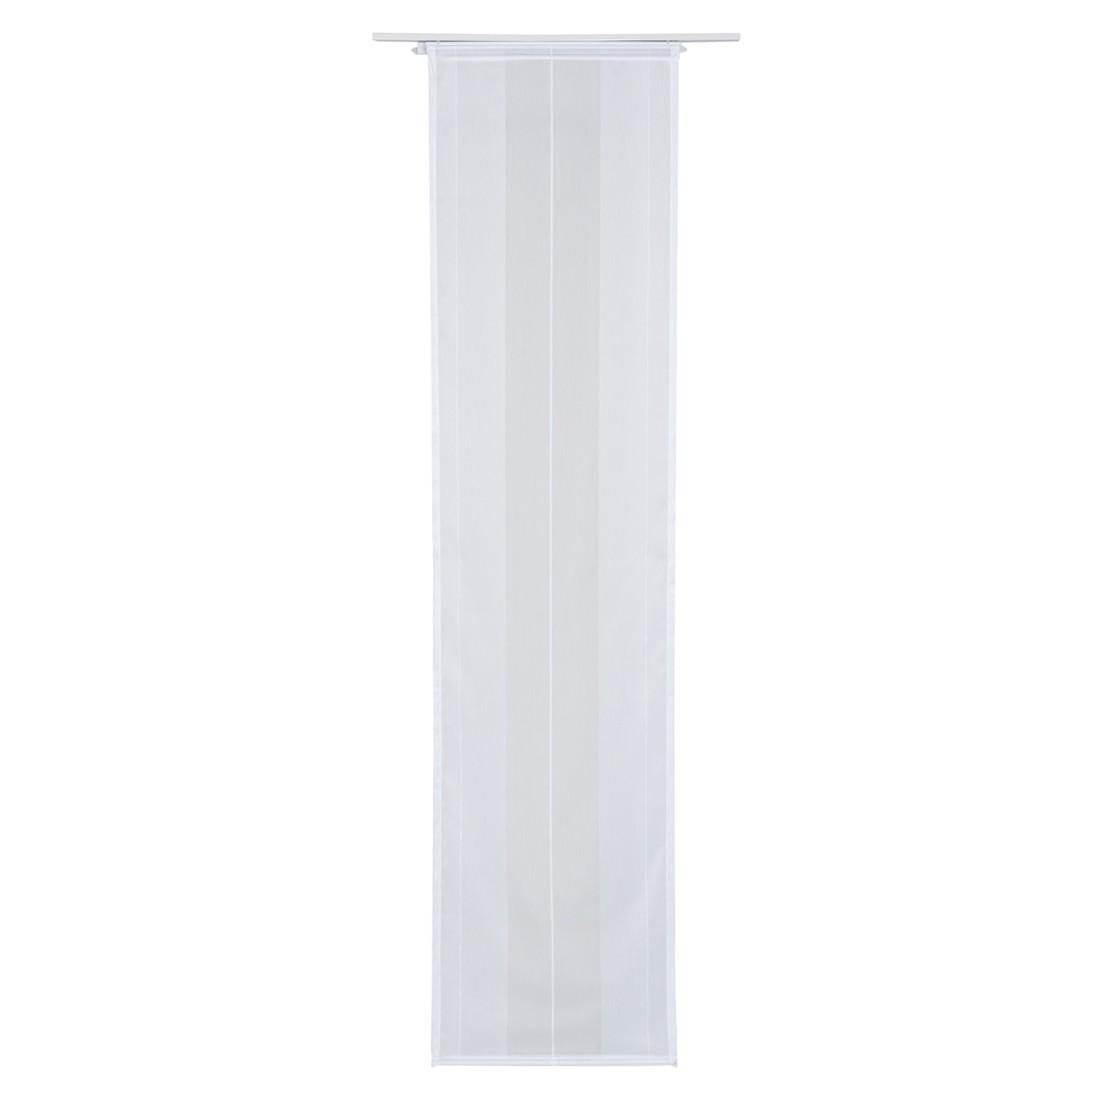 panneau japonais tamisant blanc barre bois clair prix et offres. Black Bedroom Furniture Sets. Home Design Ideas